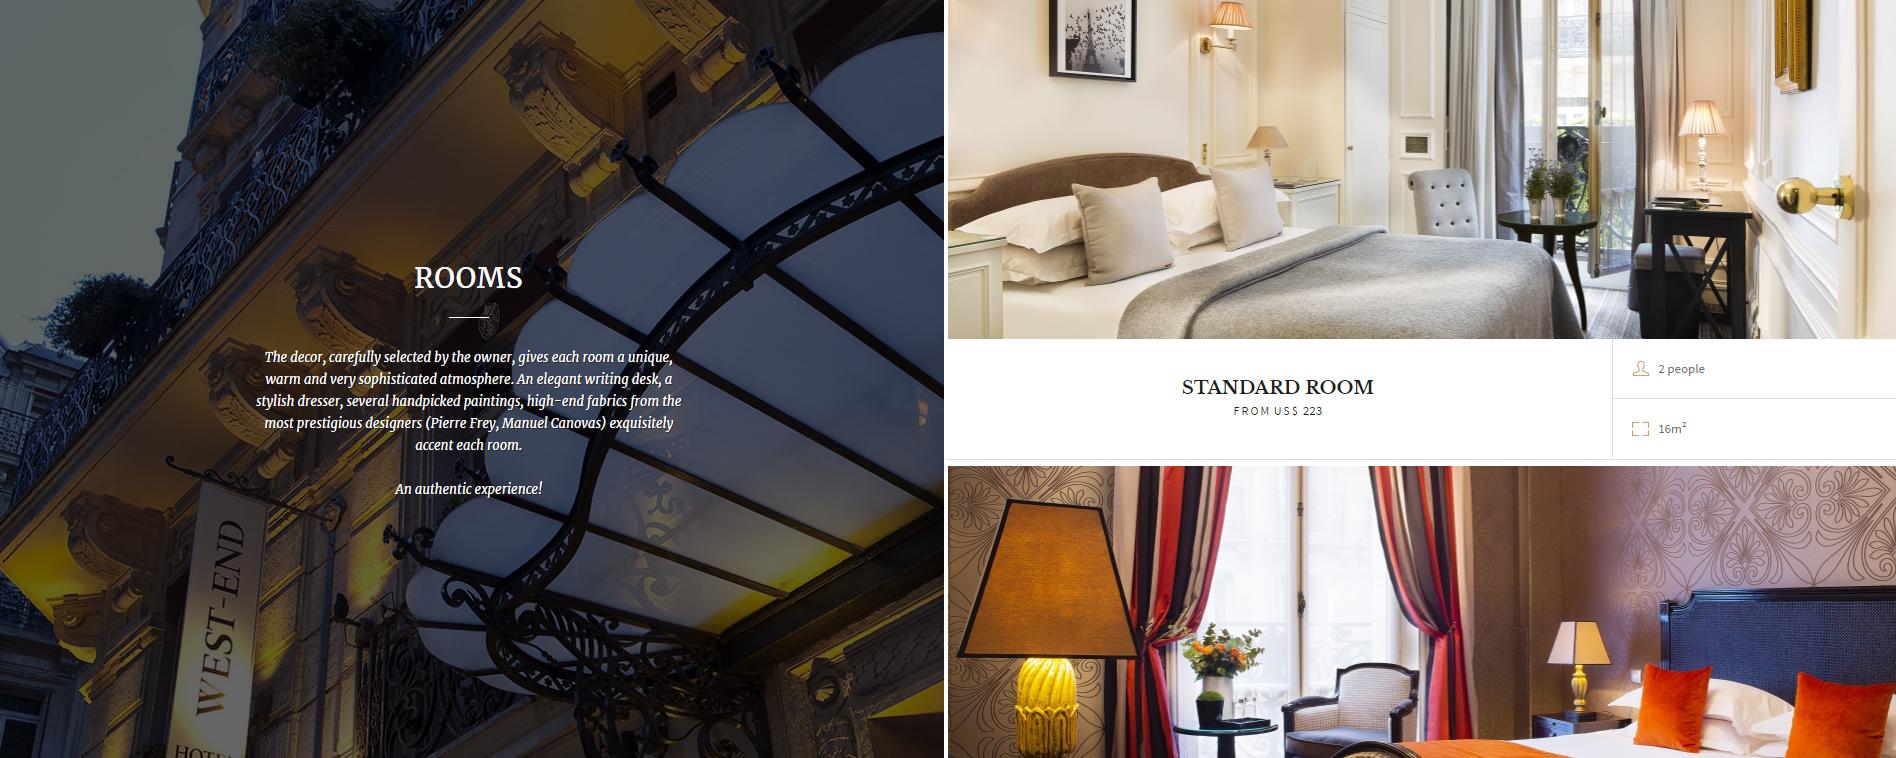 Εικόνα που δείχνει την ιστοσελίδα του ξενοδοχείου West End